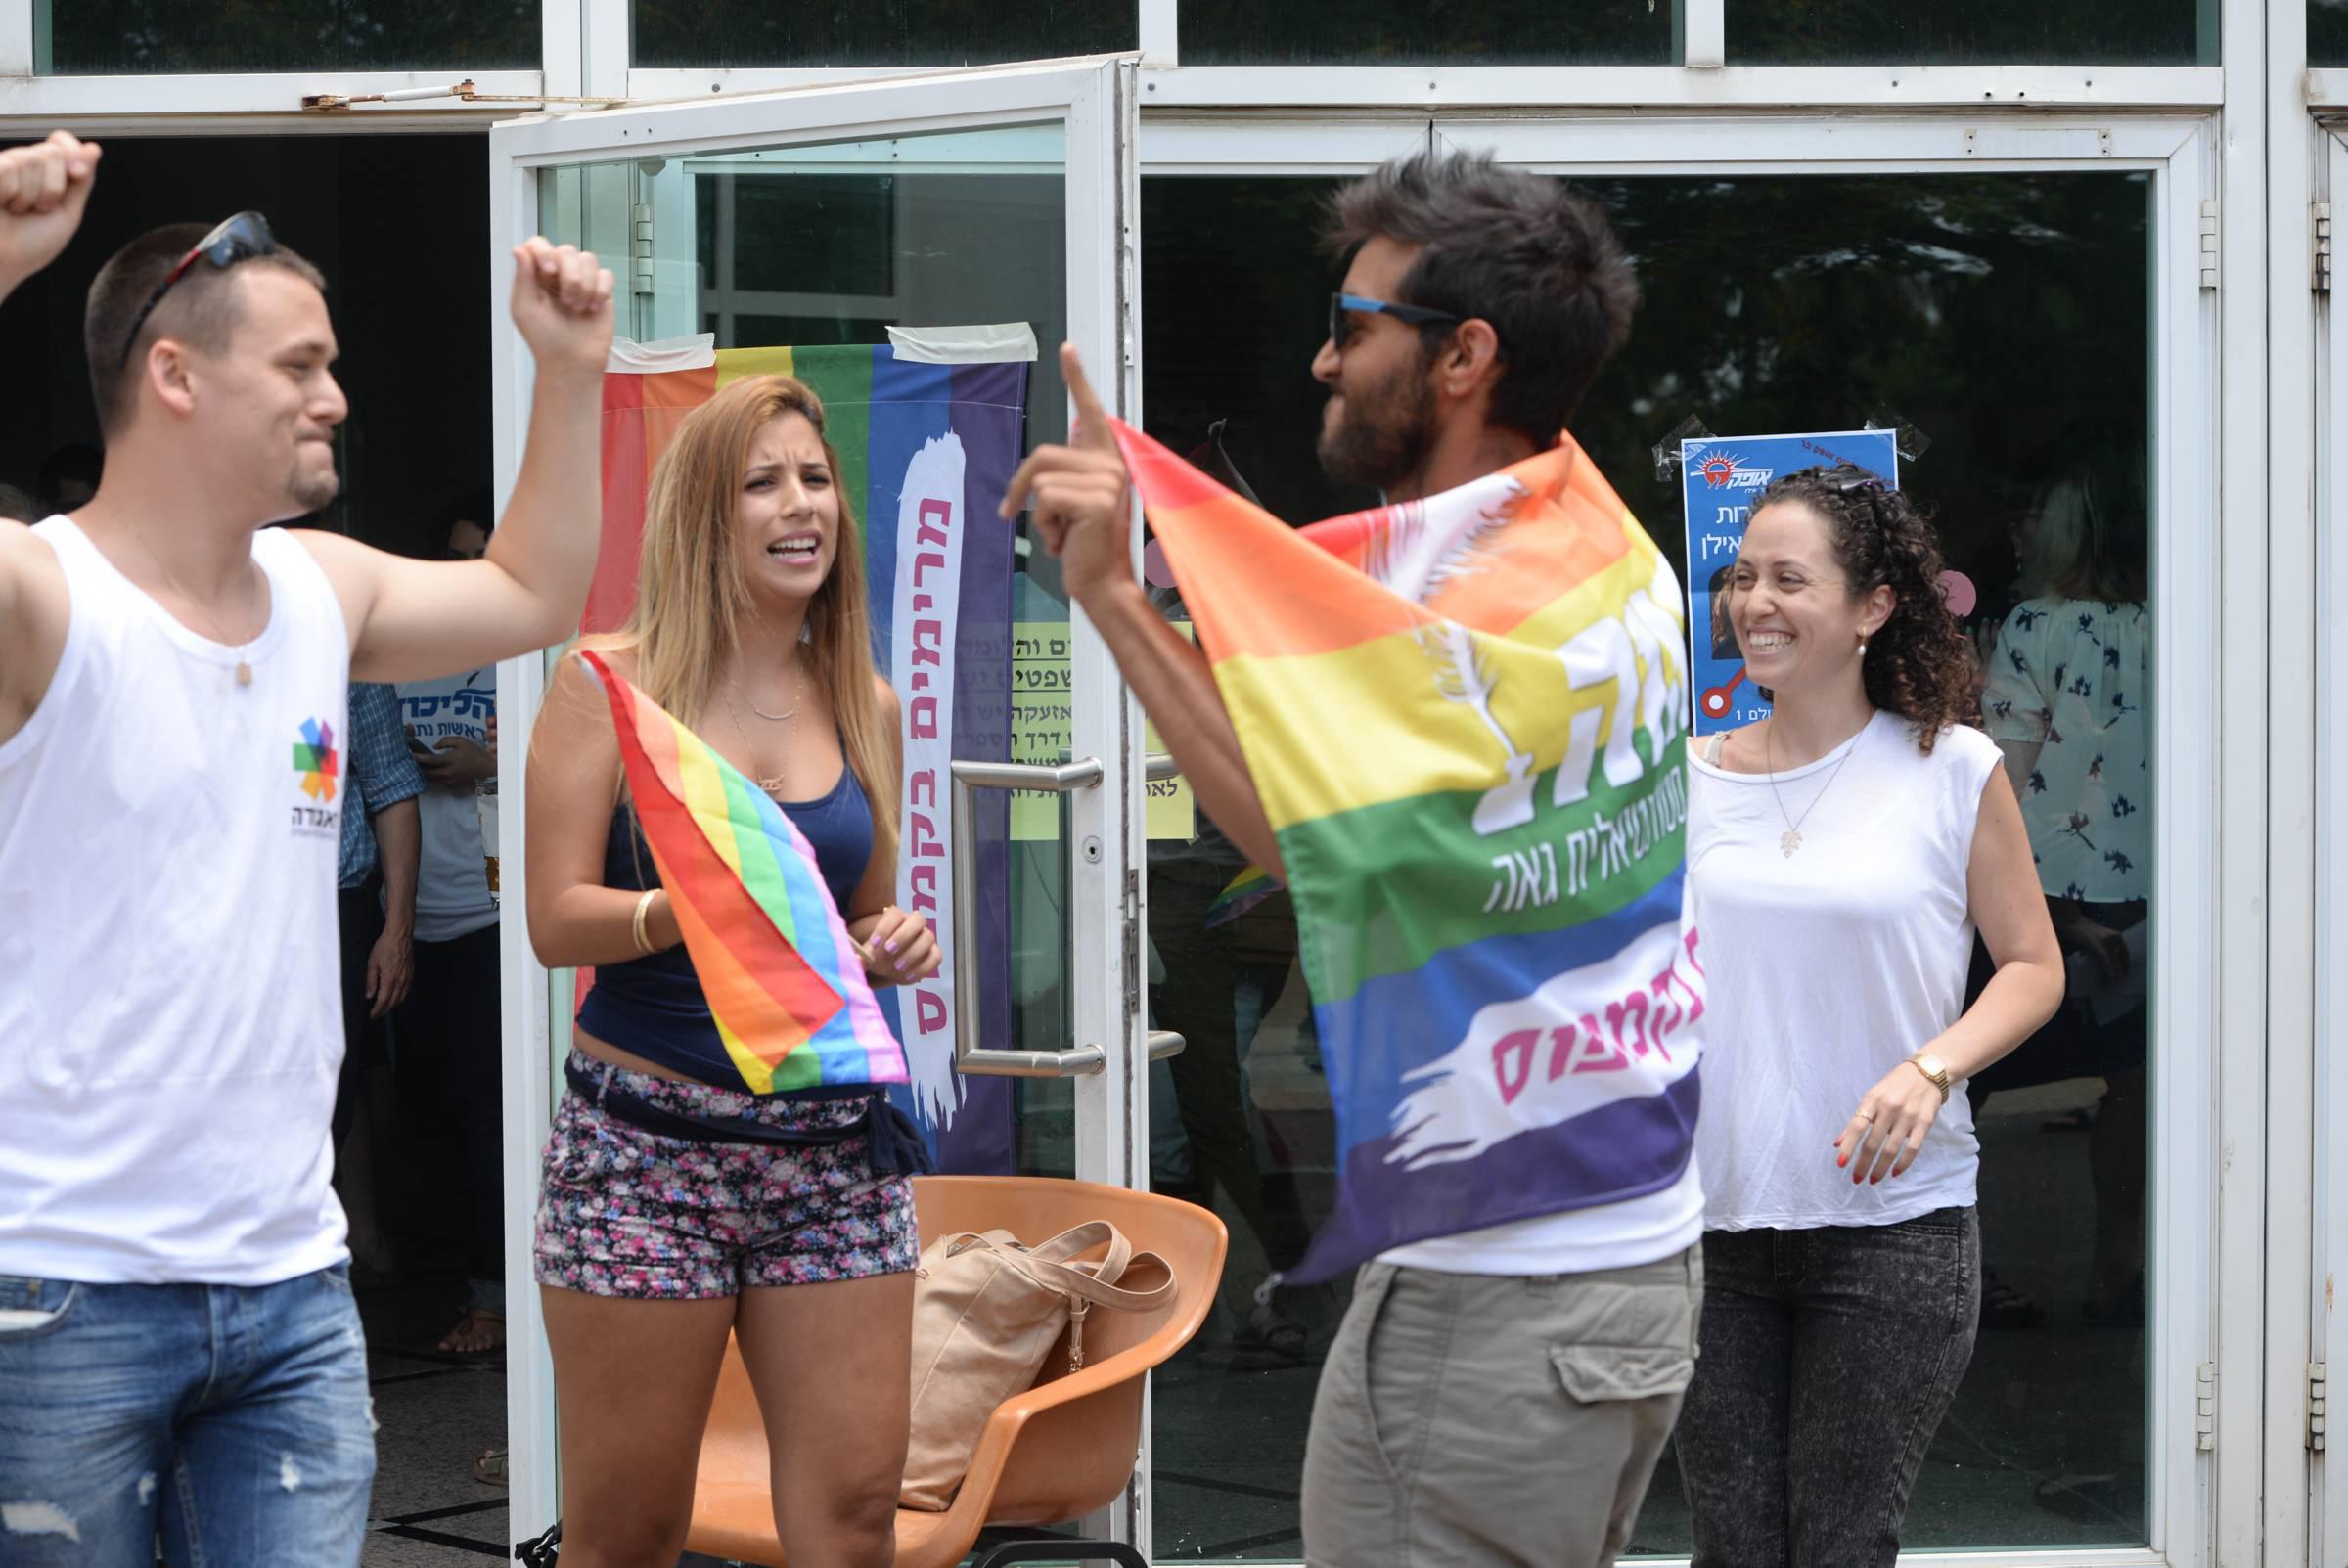 בסוף הגאווה ניצחה (צילום: רובי קסטרו, וואלה! חדשות)